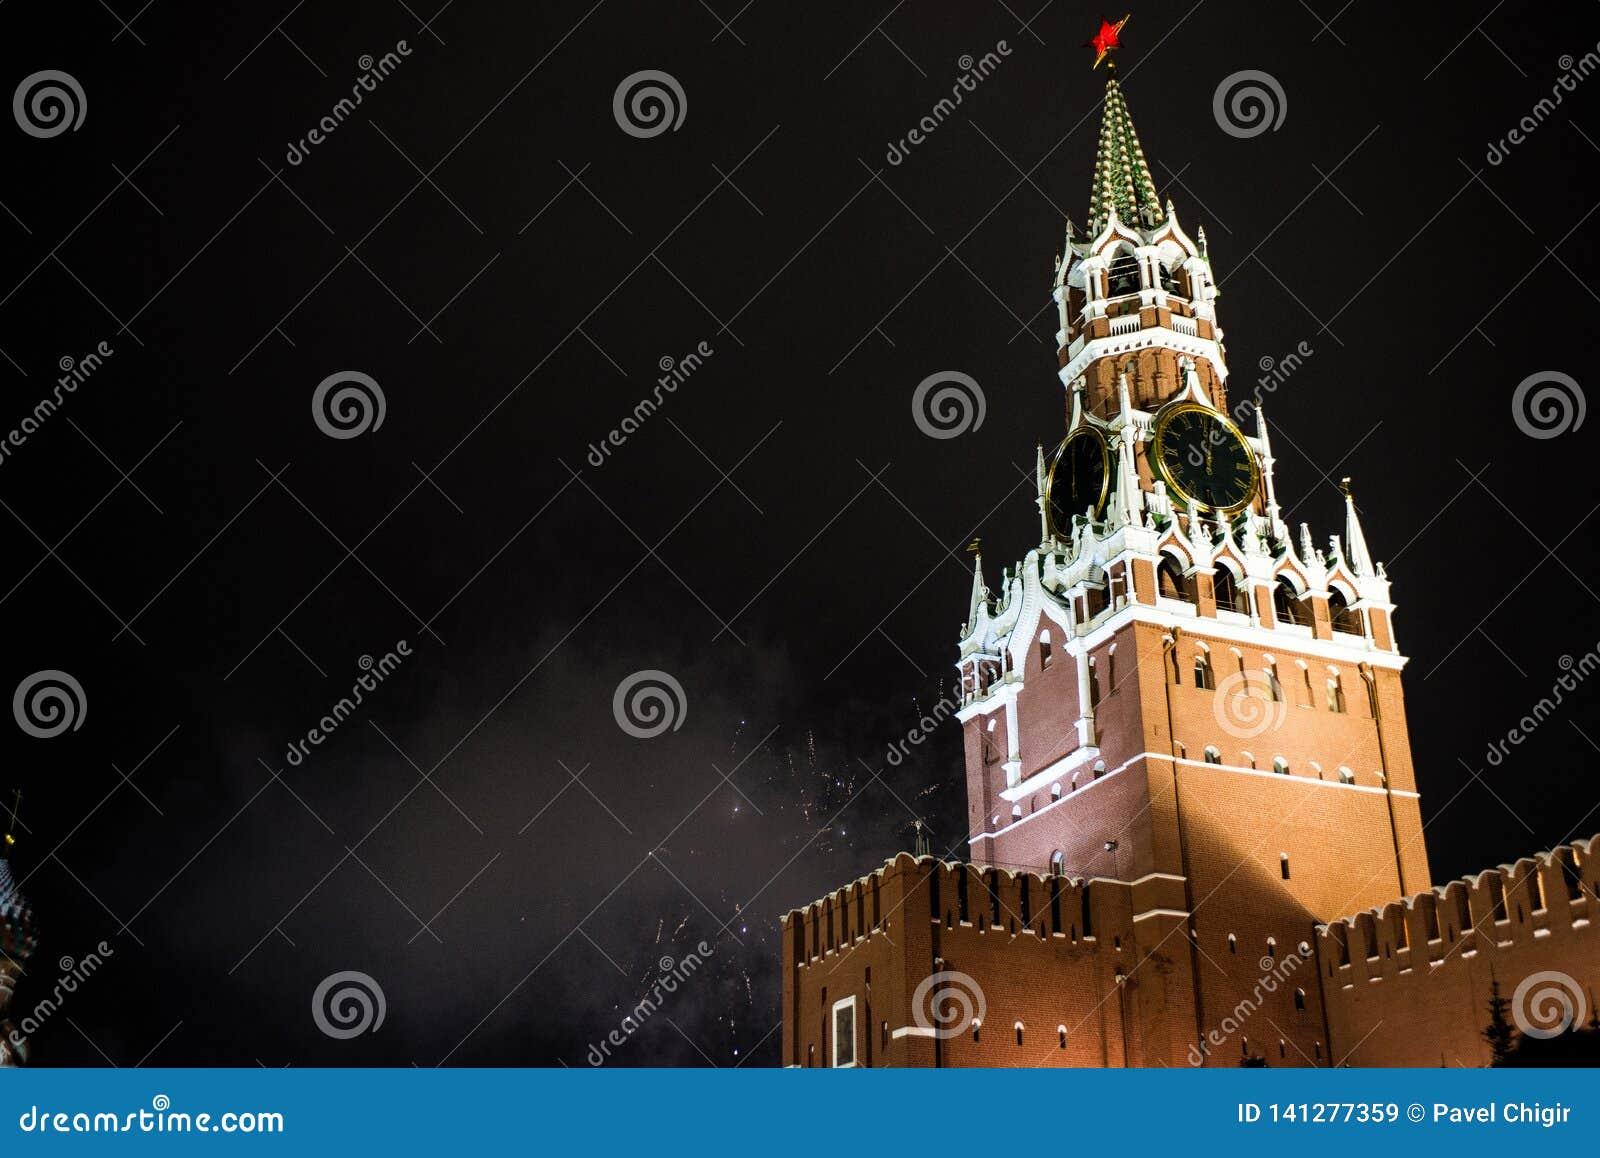 Begroeting ter ere van het nieuwe jaar 2019 op rood vierkant tegen het Kremlin, Spasskaya-toren